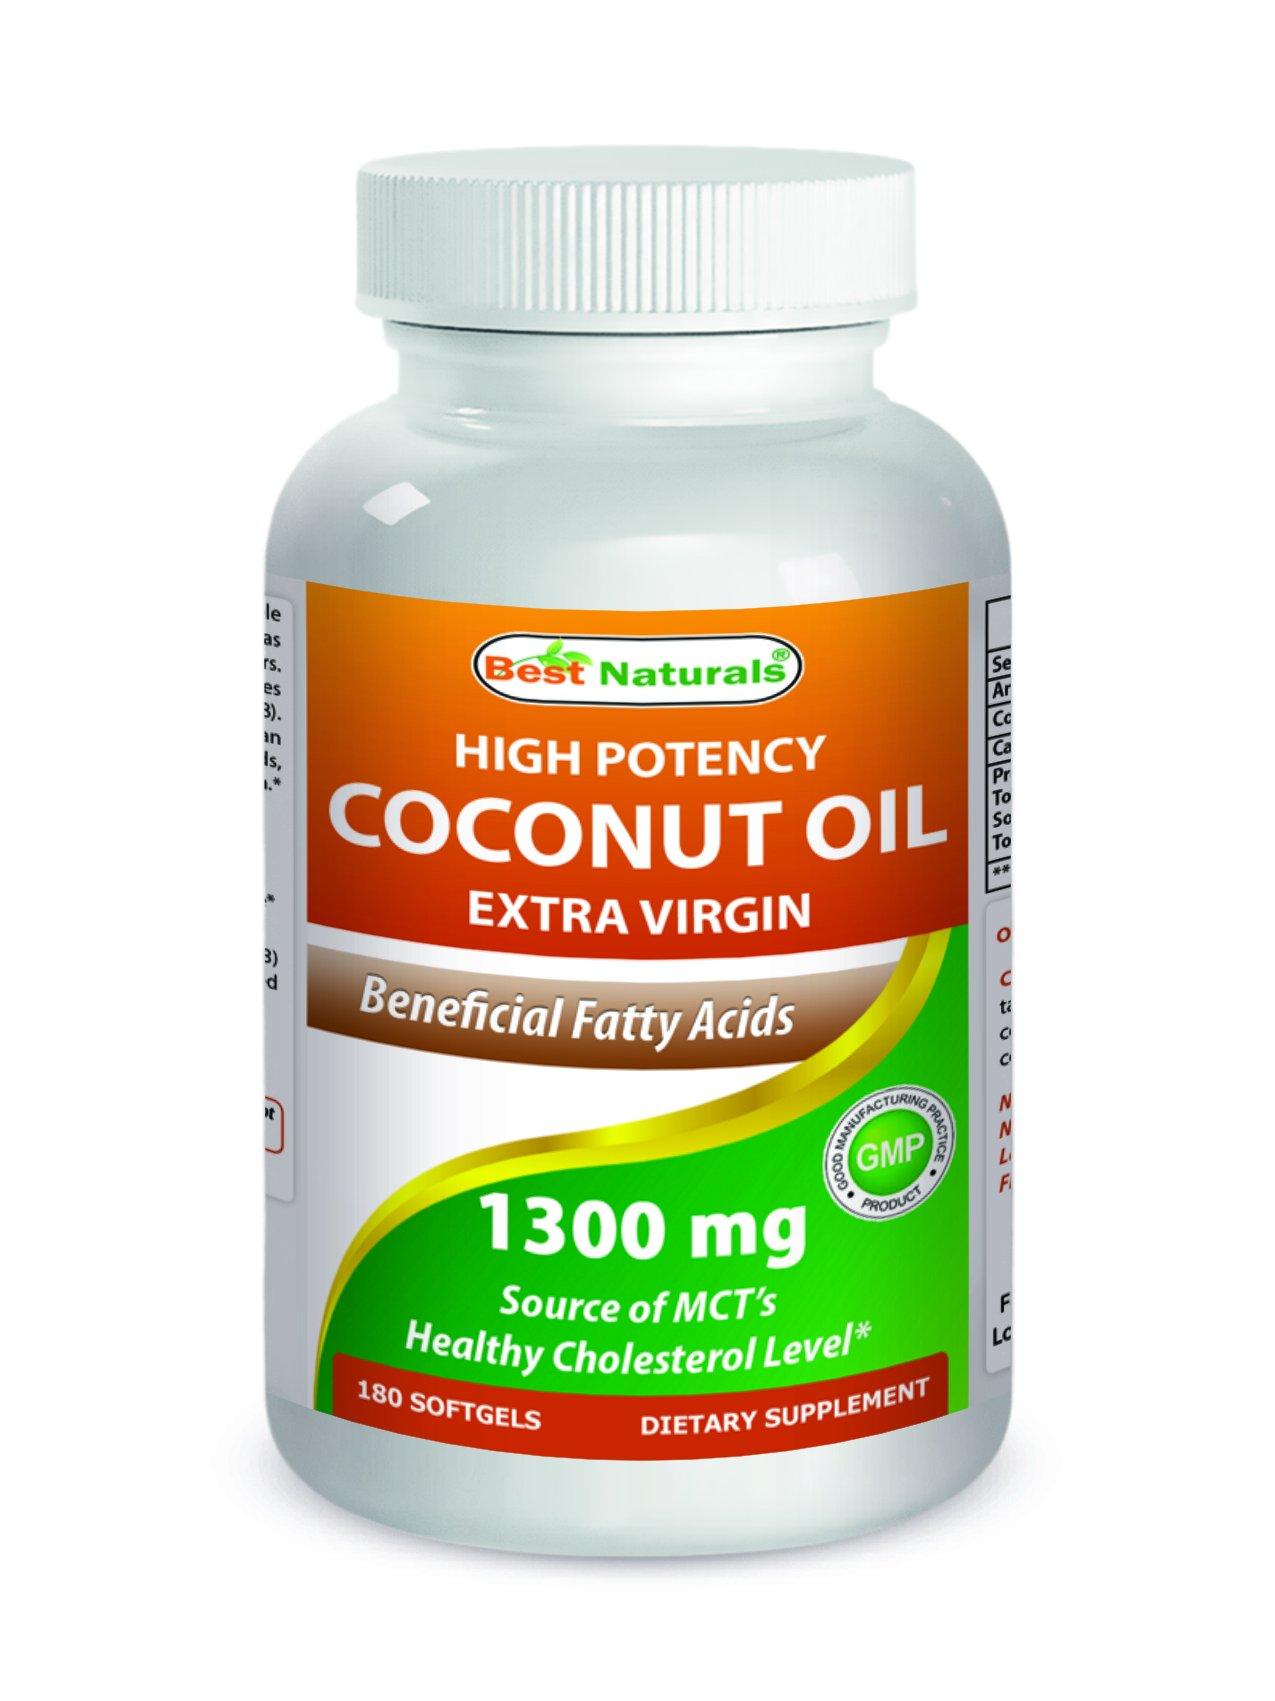 Best Naturals Extra Virgin Coconut Oil 1300 mg 180 Softgels